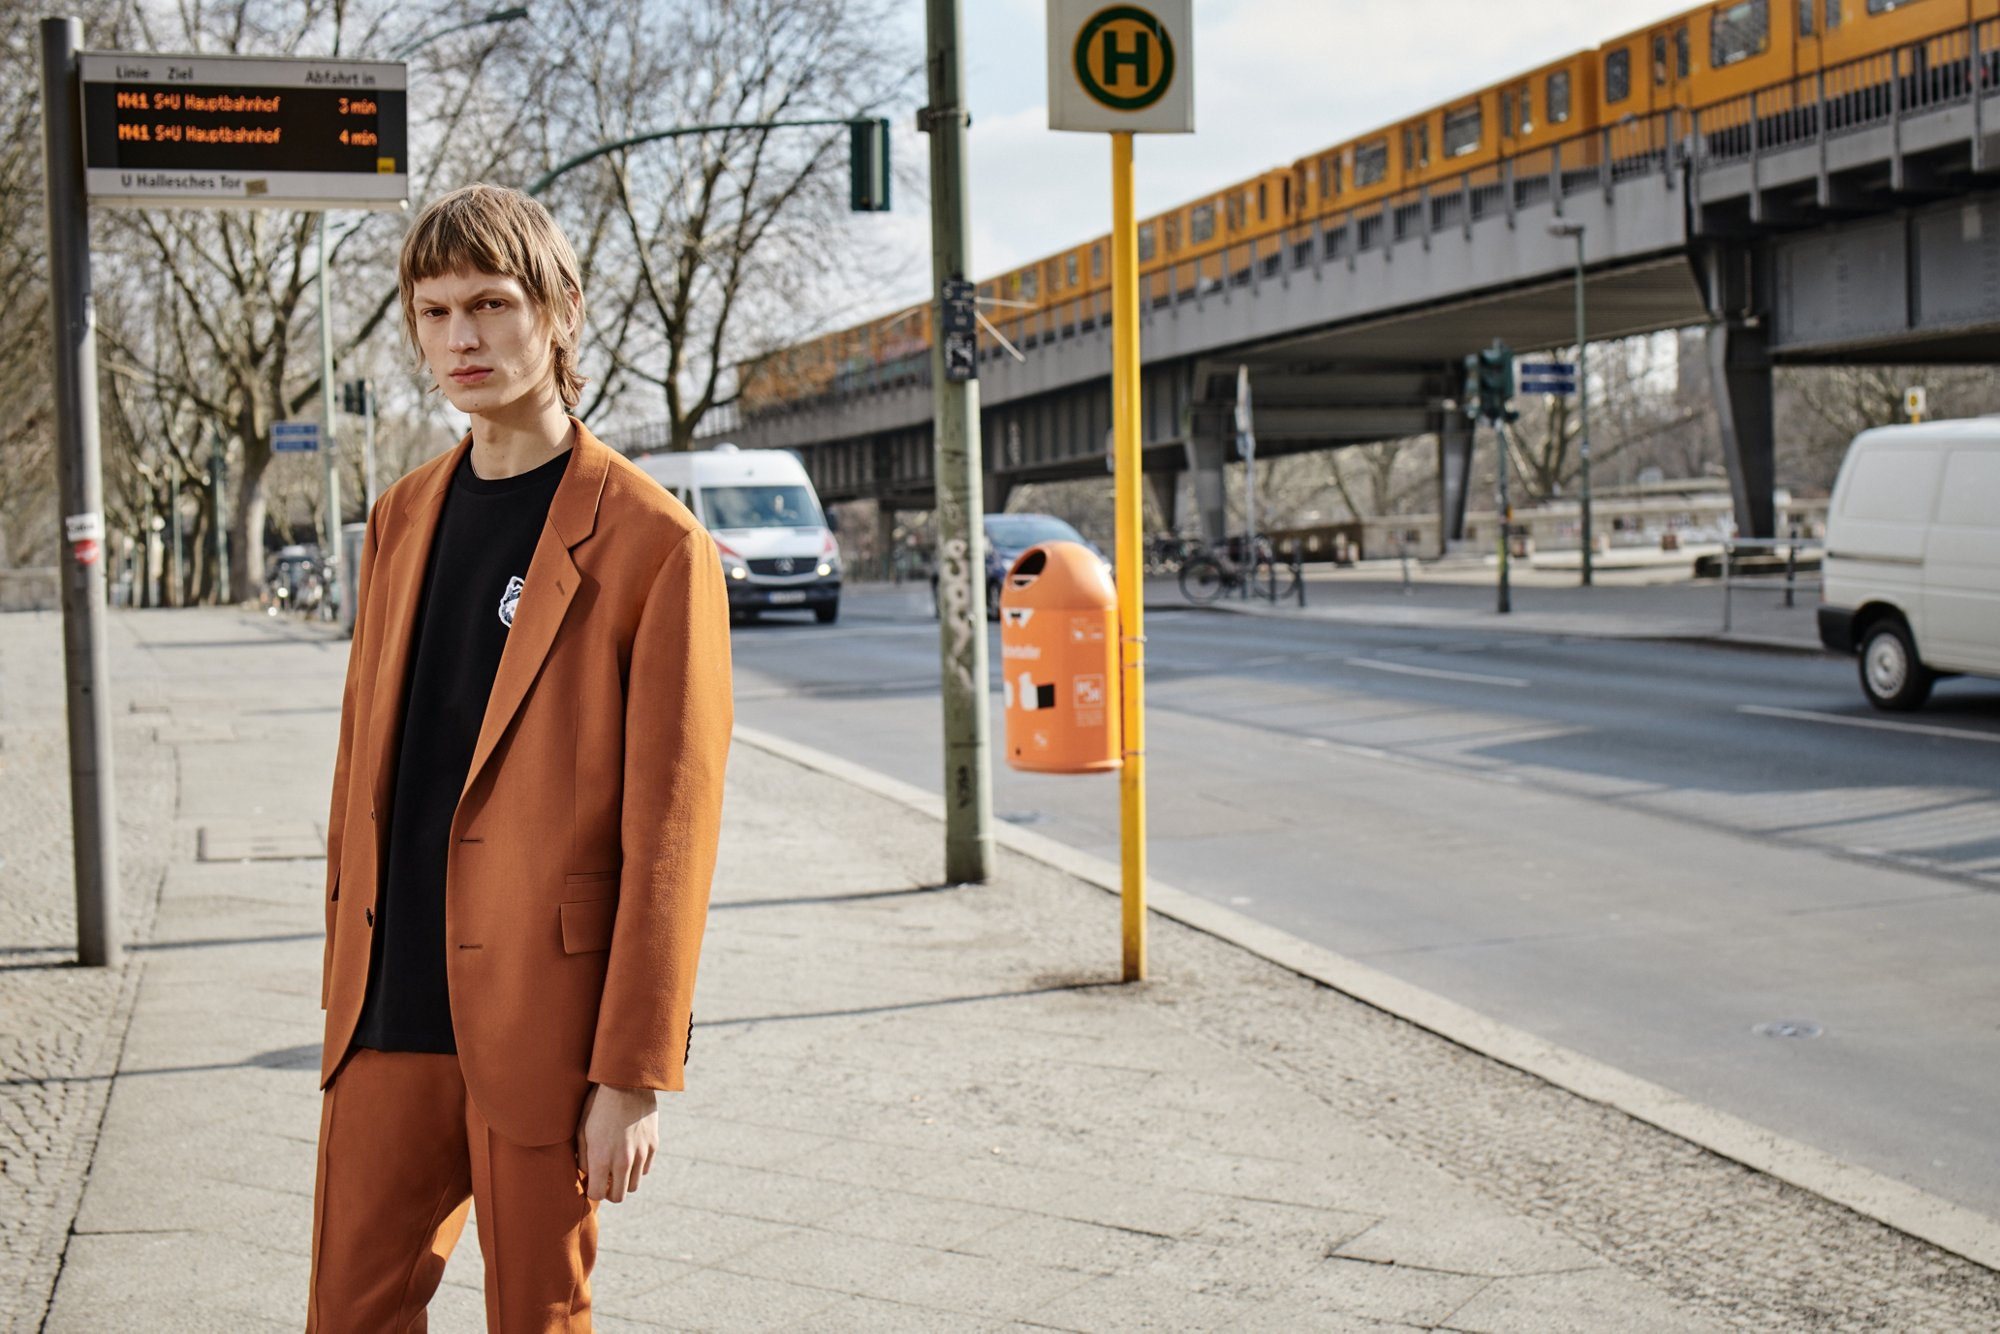 东经13°2,北纬32°31,Anwar Hadid, Selena Forrest等活力卡司在此集结。他们身着HUGO 2018 秋冬系列服装,以HUGO之名游走在柏林的大街小巷,开启柏林探索旅途